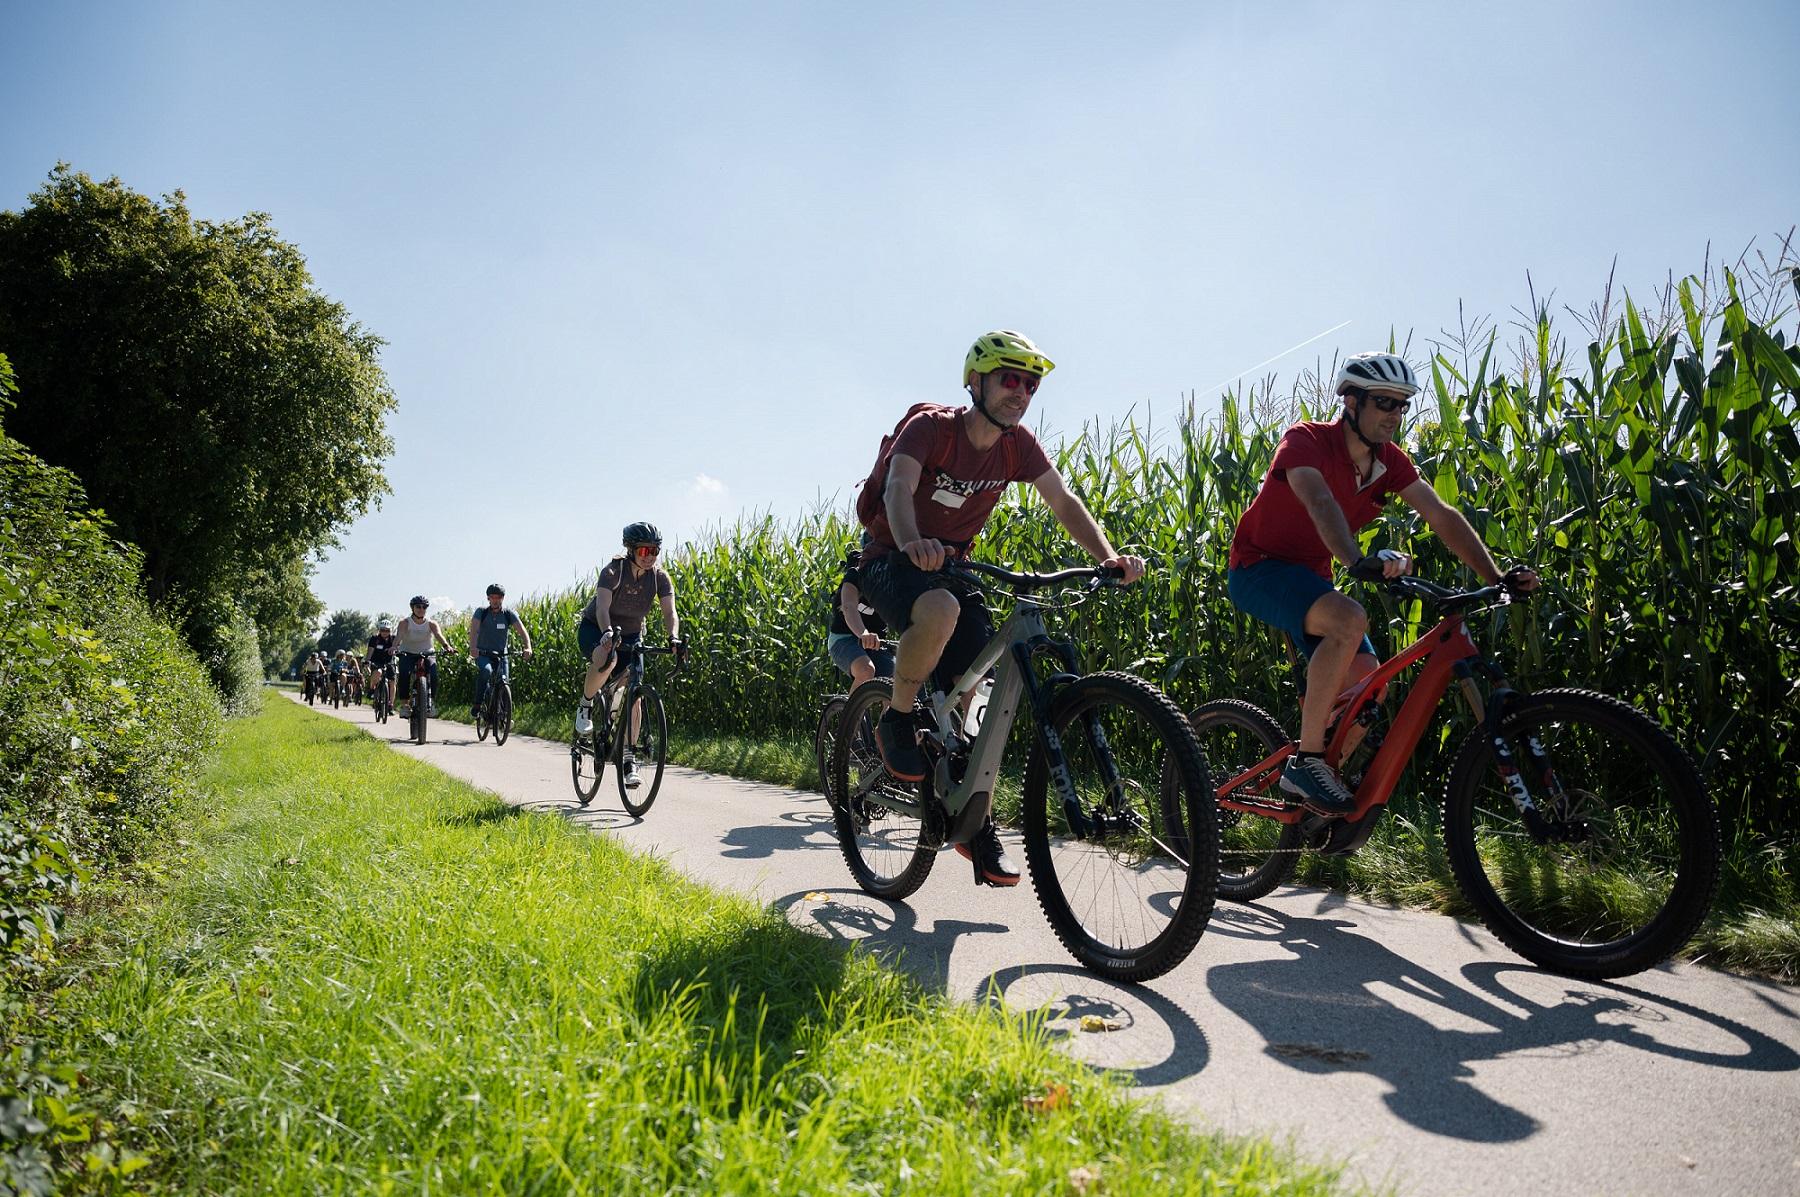 Tourismus Oberbayern München e.V. lud am 6. September zur gemeinsamen Radtour zur IAA Mobility ein